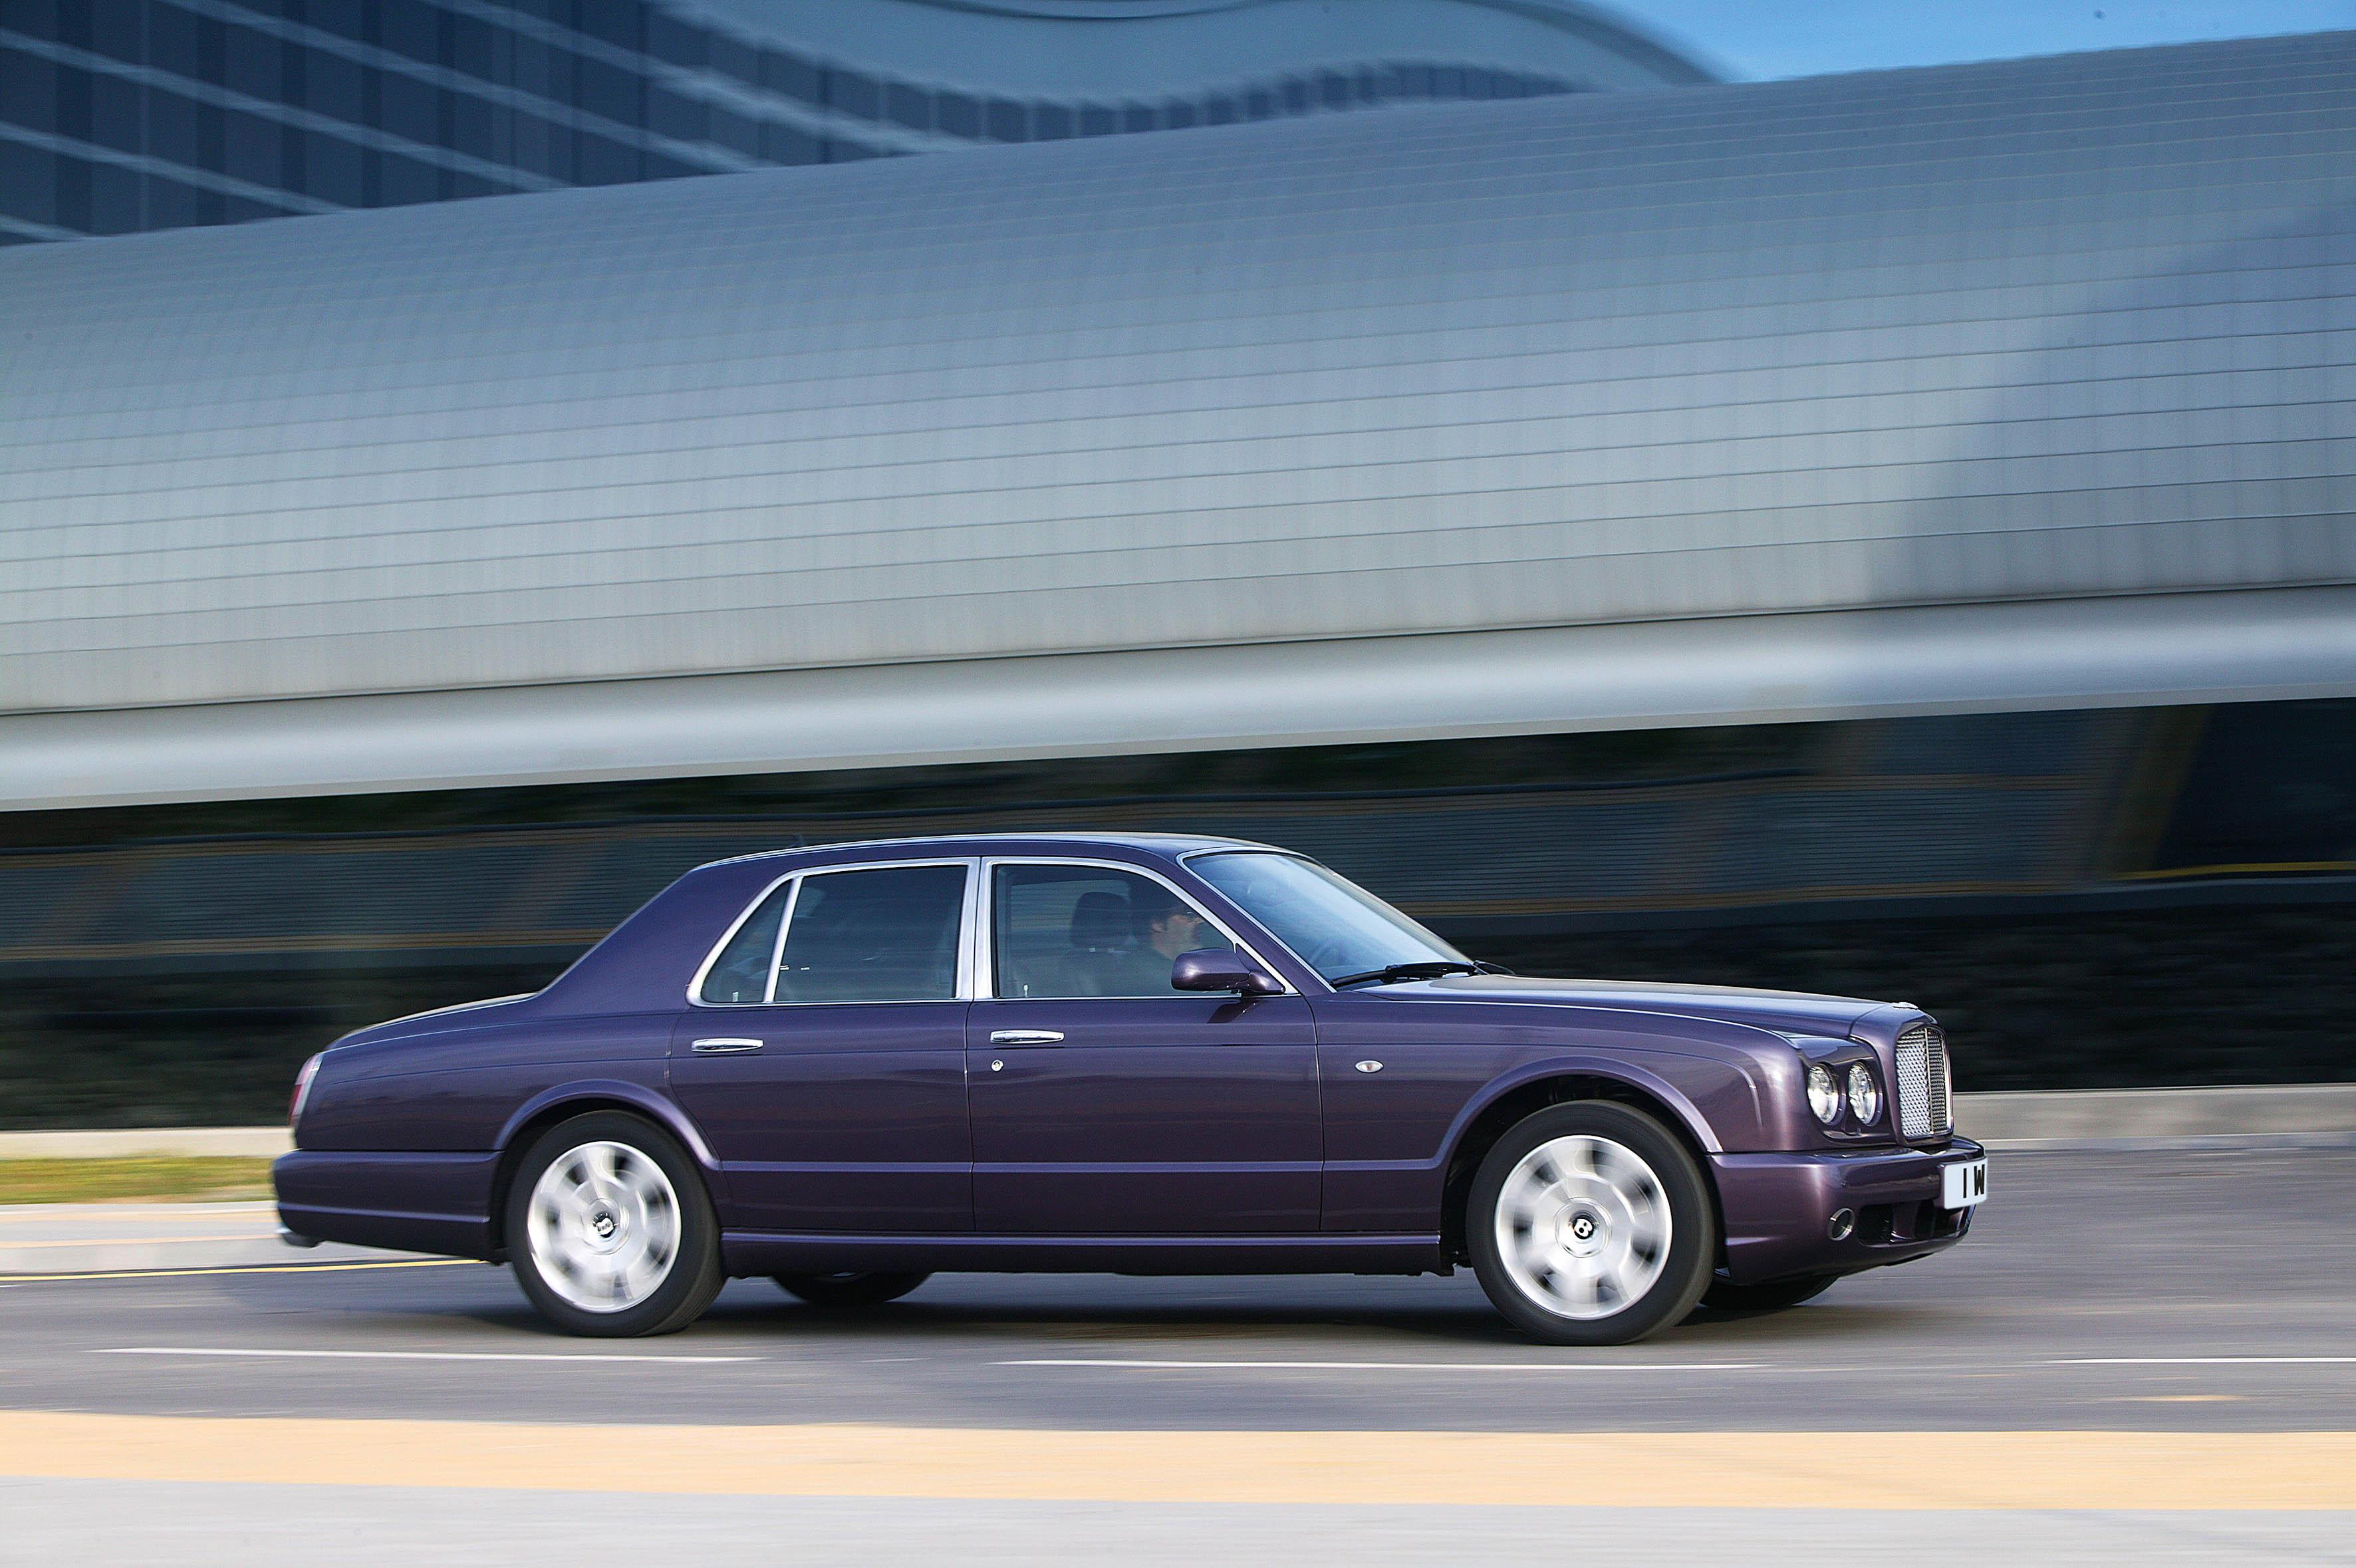 2008 Bentley Arnage Image 3